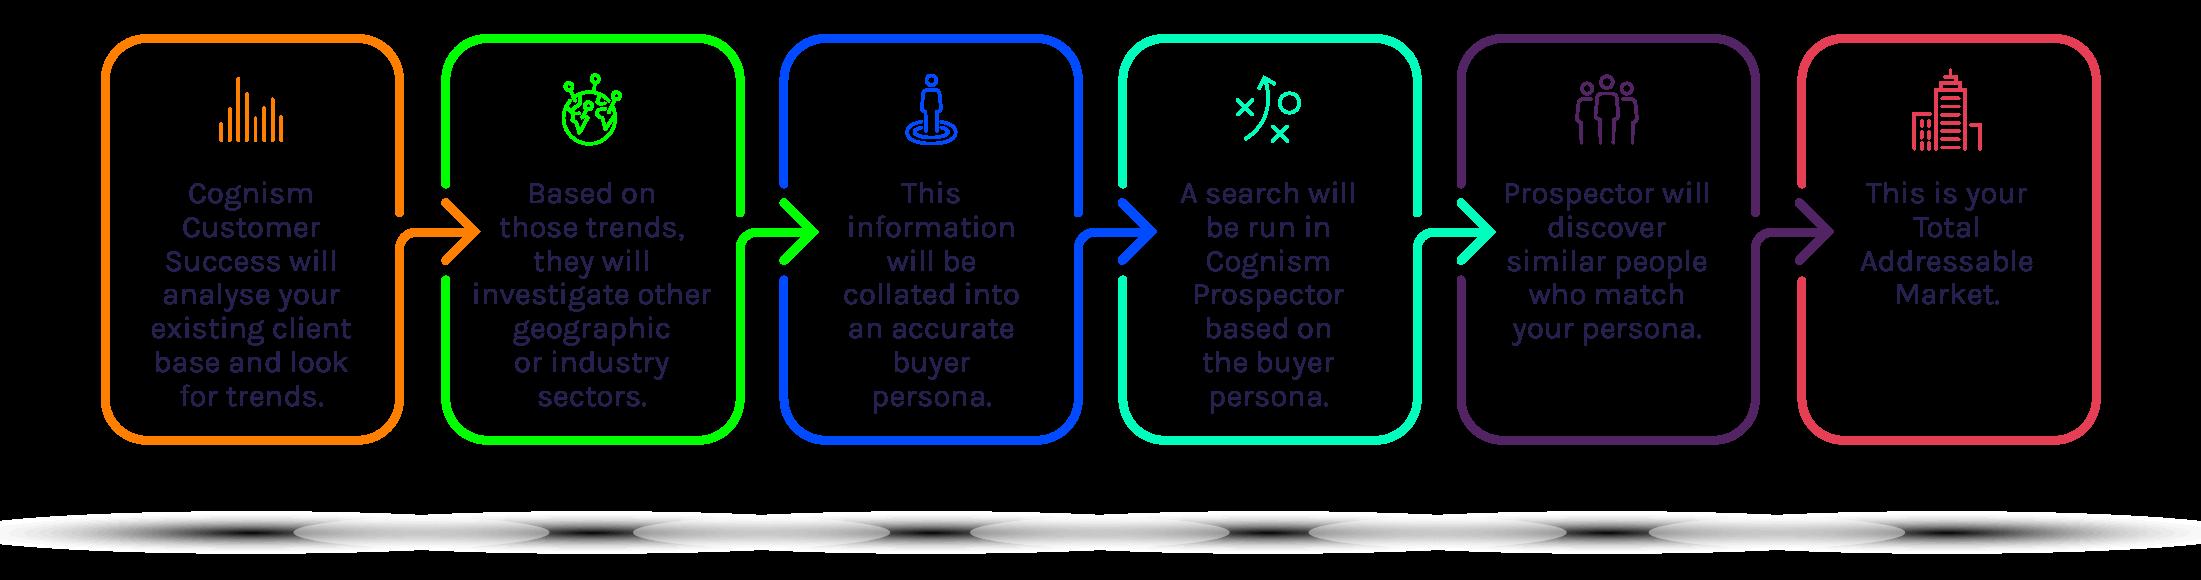 total-addressable-market-cognism-2